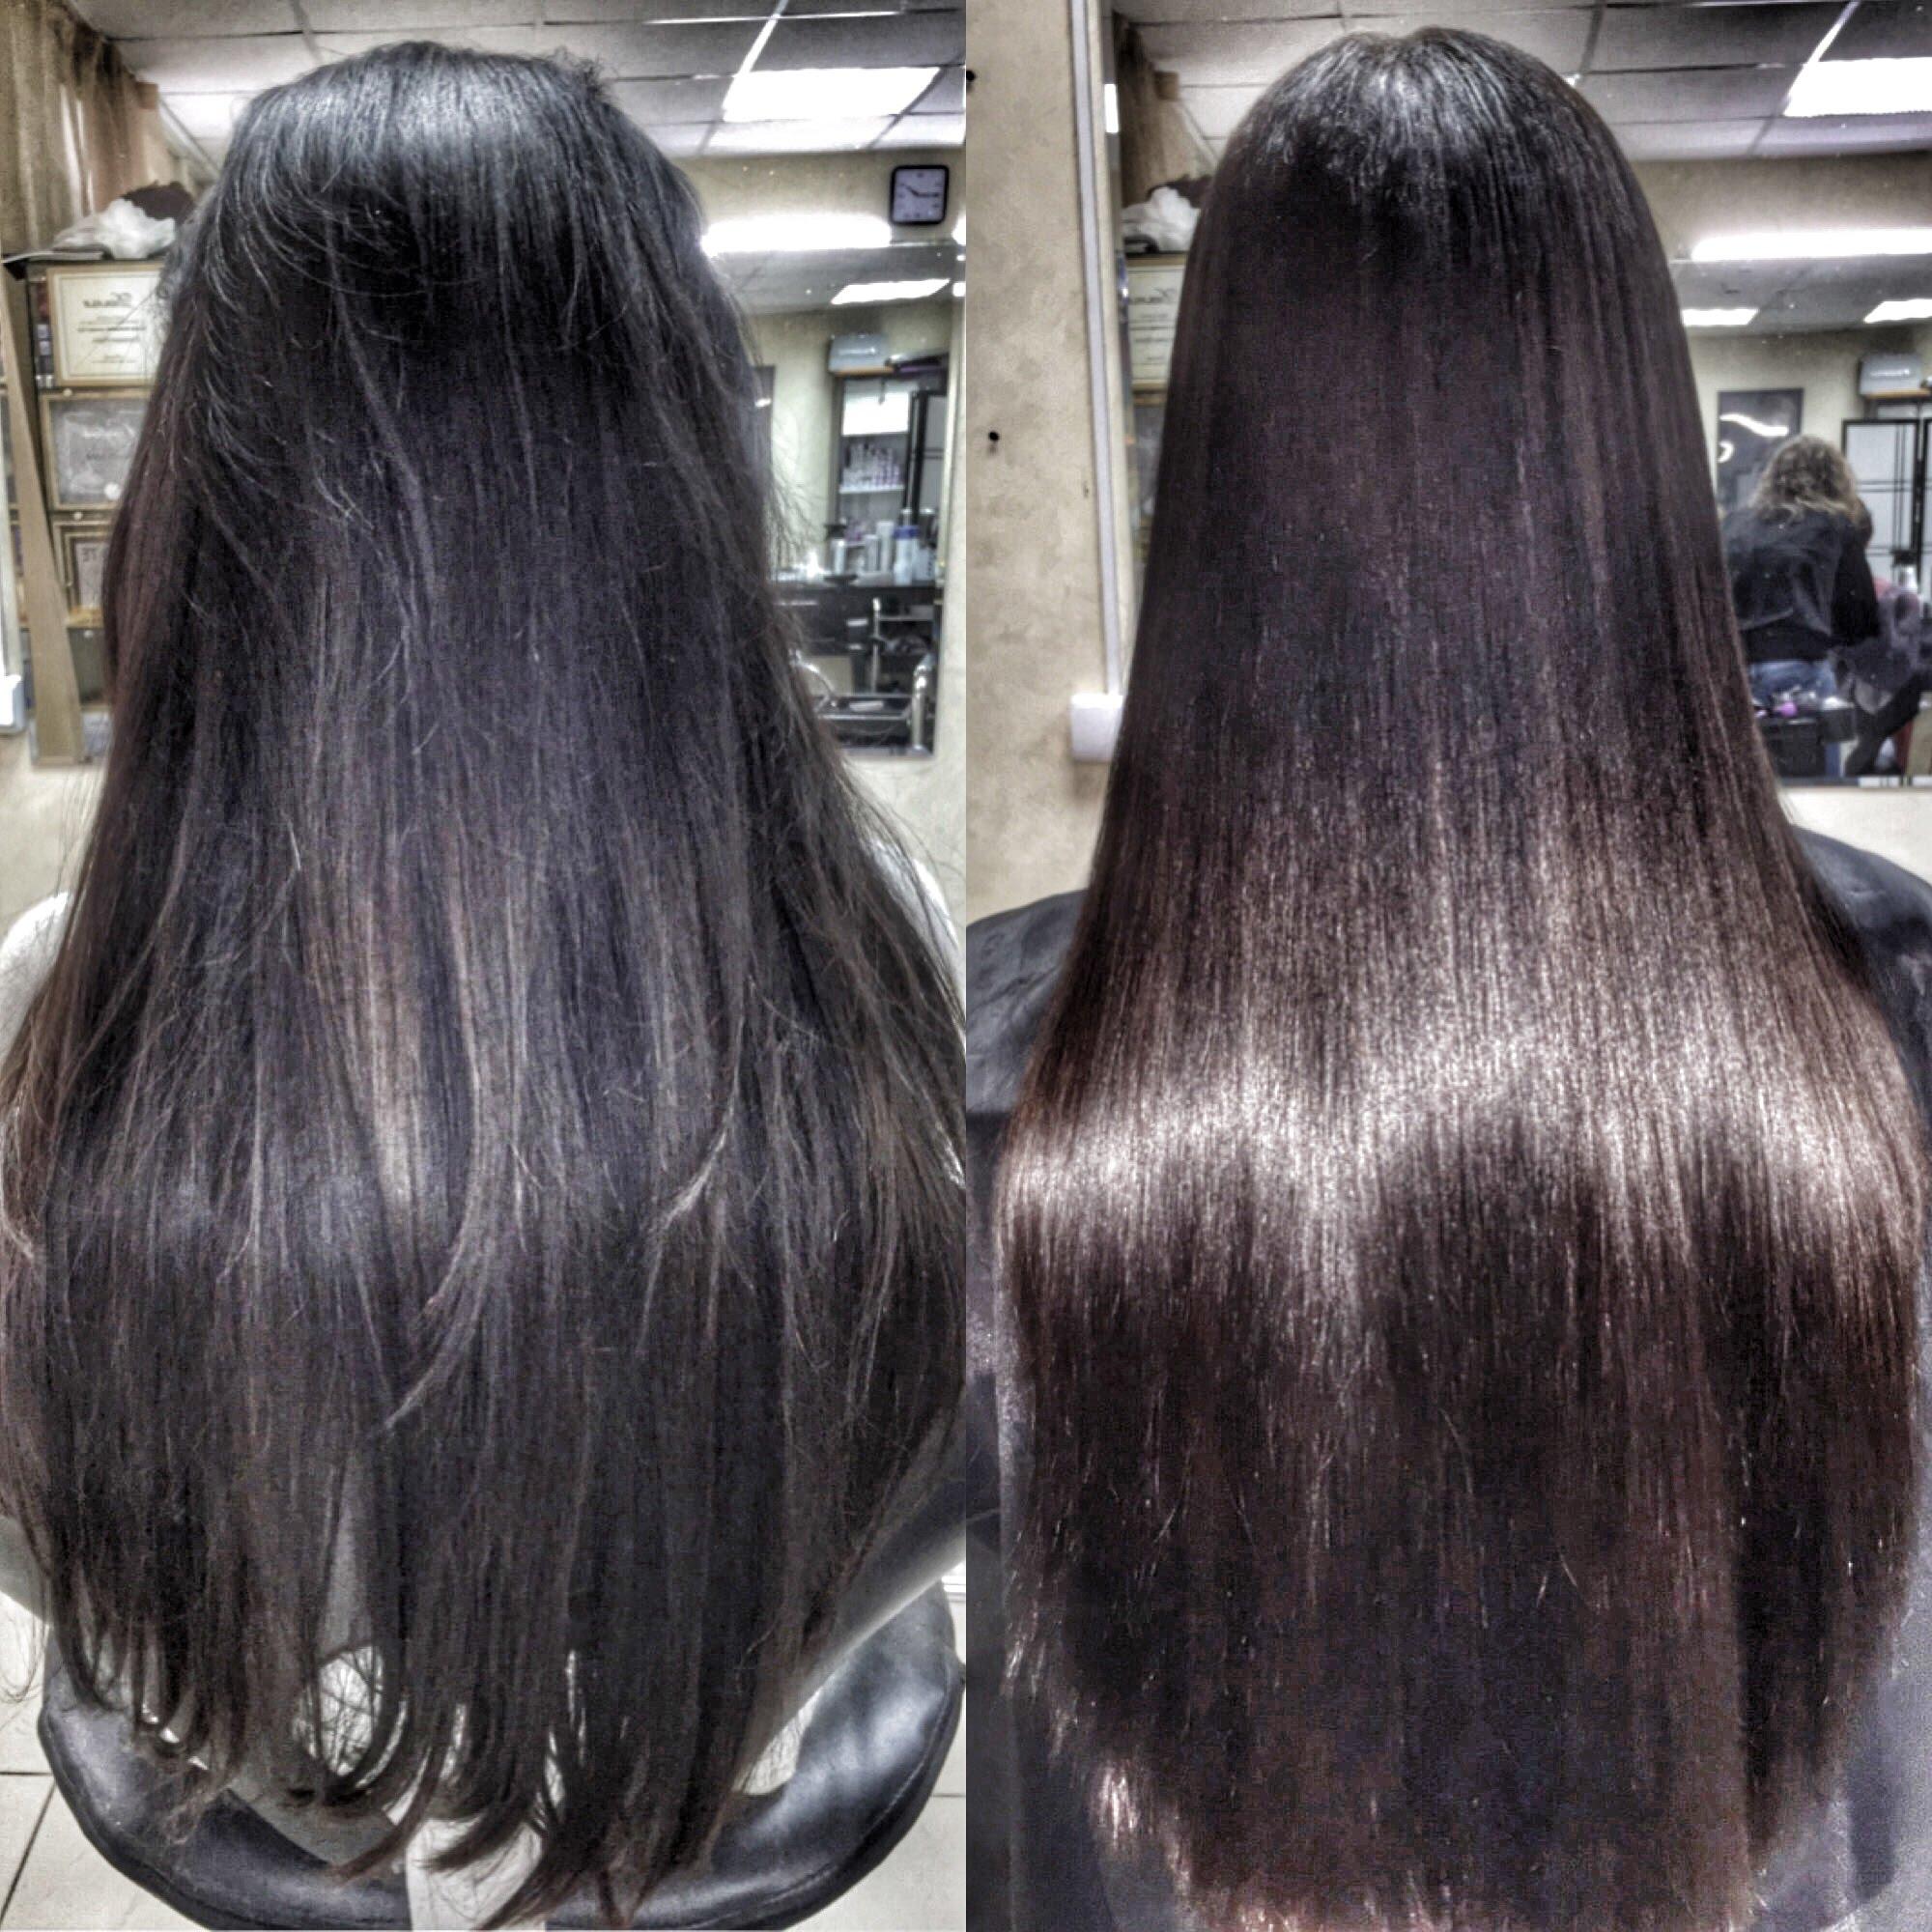 Профессиональные средства для кератинового выпрямления волос - цены и описание, какой кератин лучше, рейтинг фирм